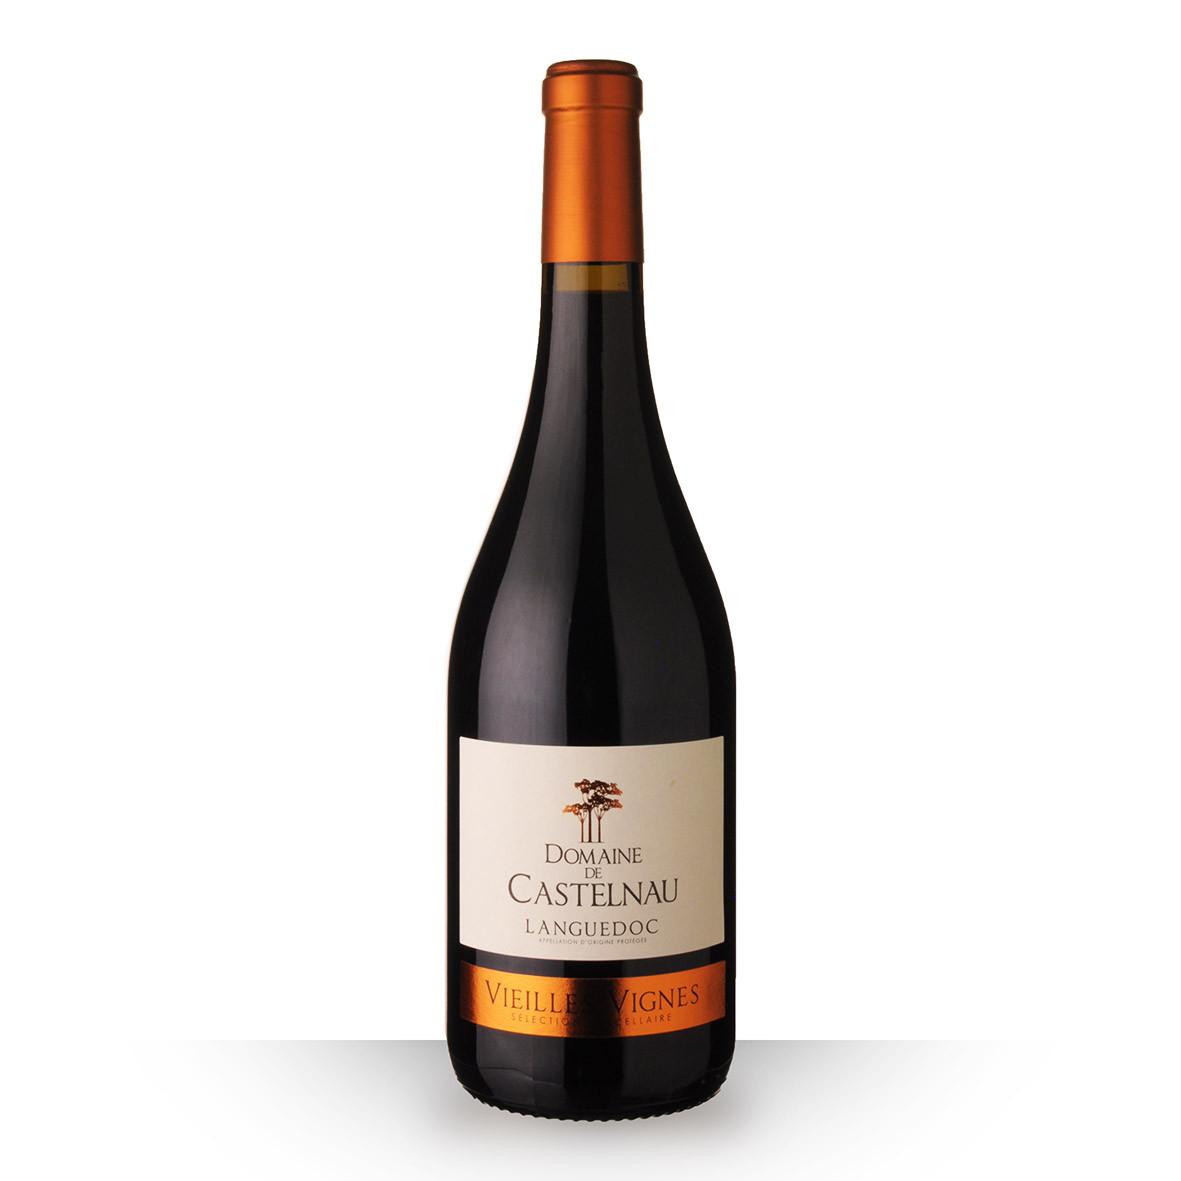 Domaine de Castelnau Vieilles Vignes Languedoc Rouge 2017 75cl www.odyssee-vins.com